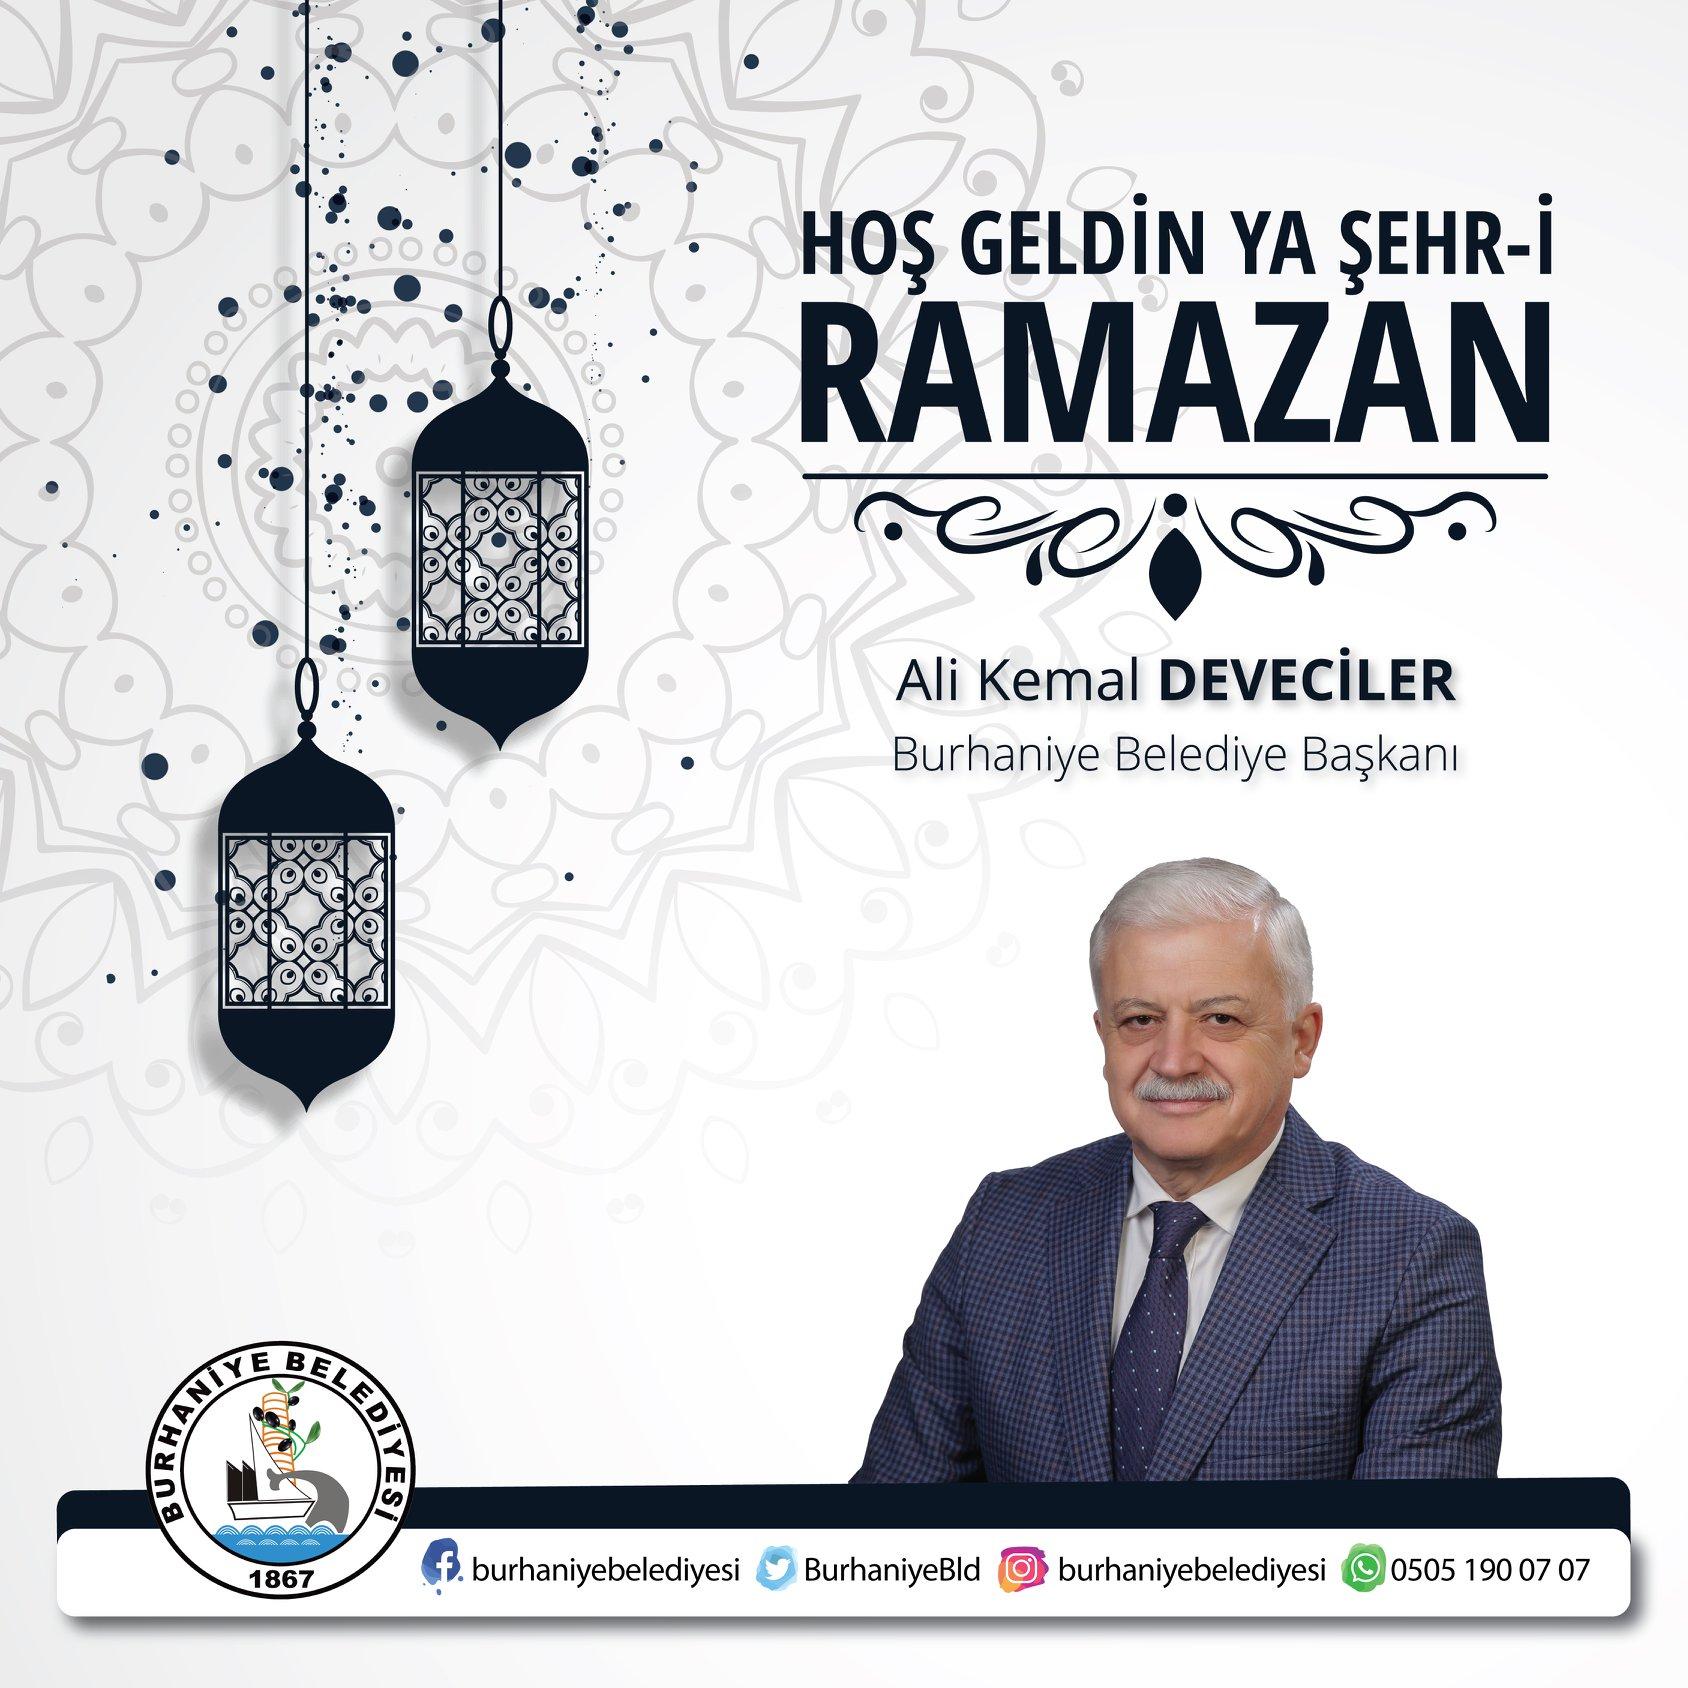 Belediye Başkanımız Ali Kemal Deveciler!in Ramazan Ayı  Mesajı